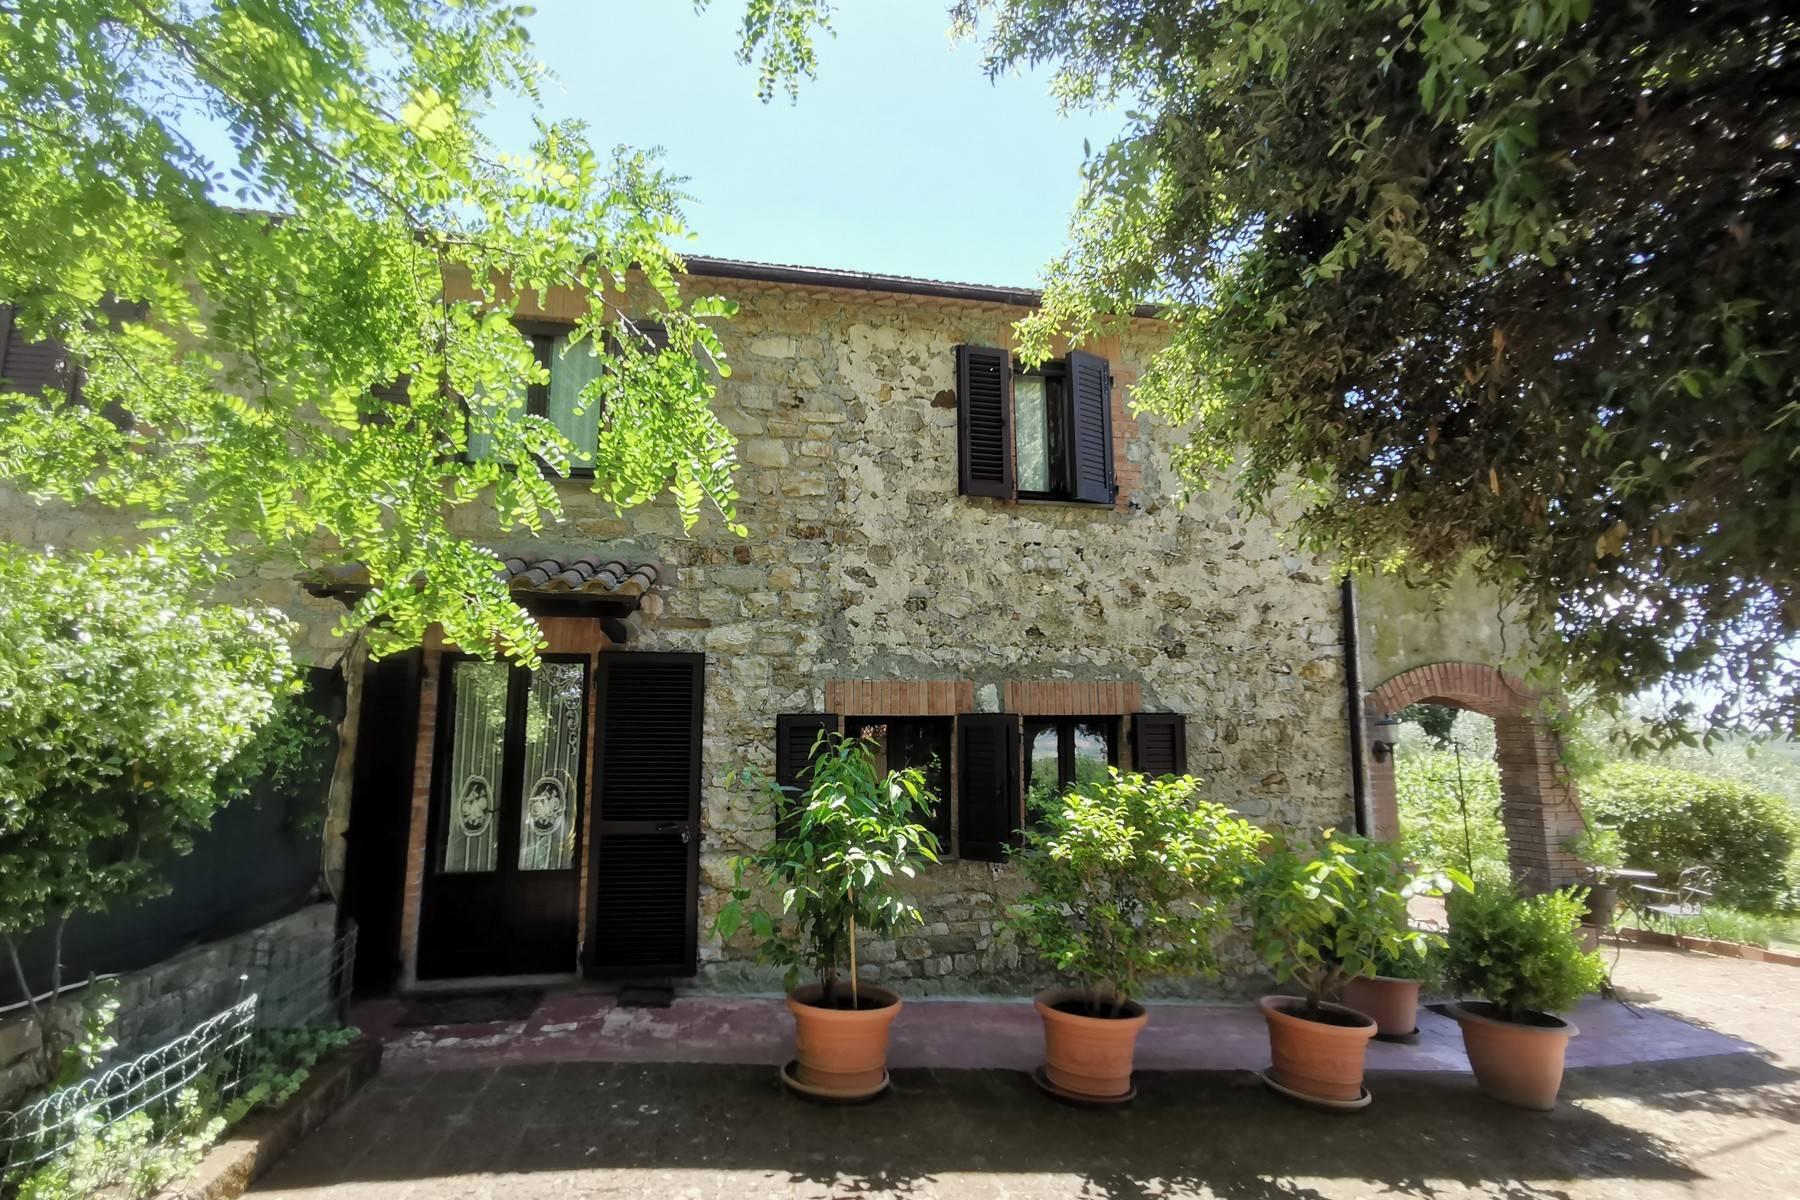 Casa indipendente in Vendita a Manciano: 5 locali, 240 mq - Foto 15